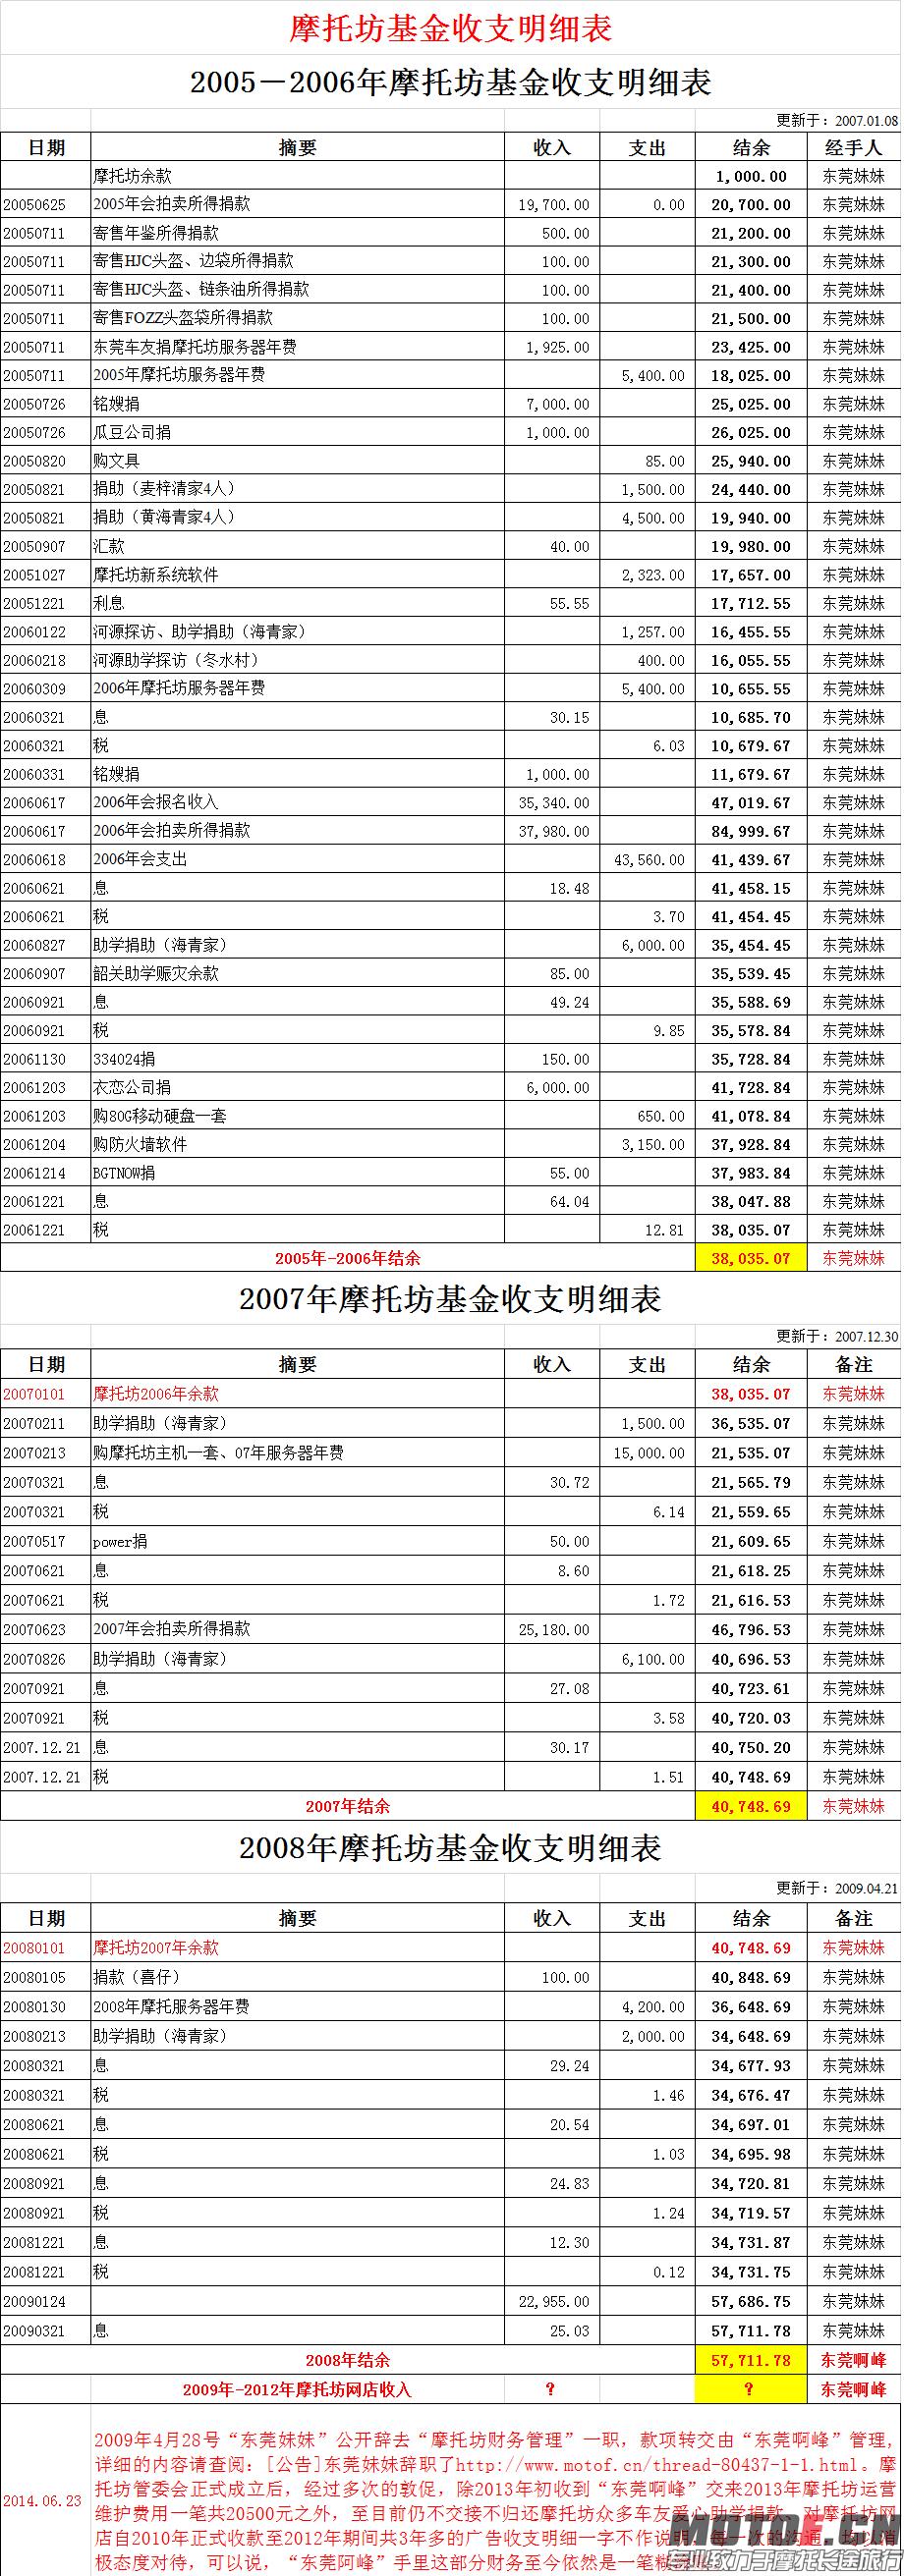 图1摩托坊基金财务公告表一:2005-2008摩托坊基金财务表,结余转交东莞阿峰负责。.png